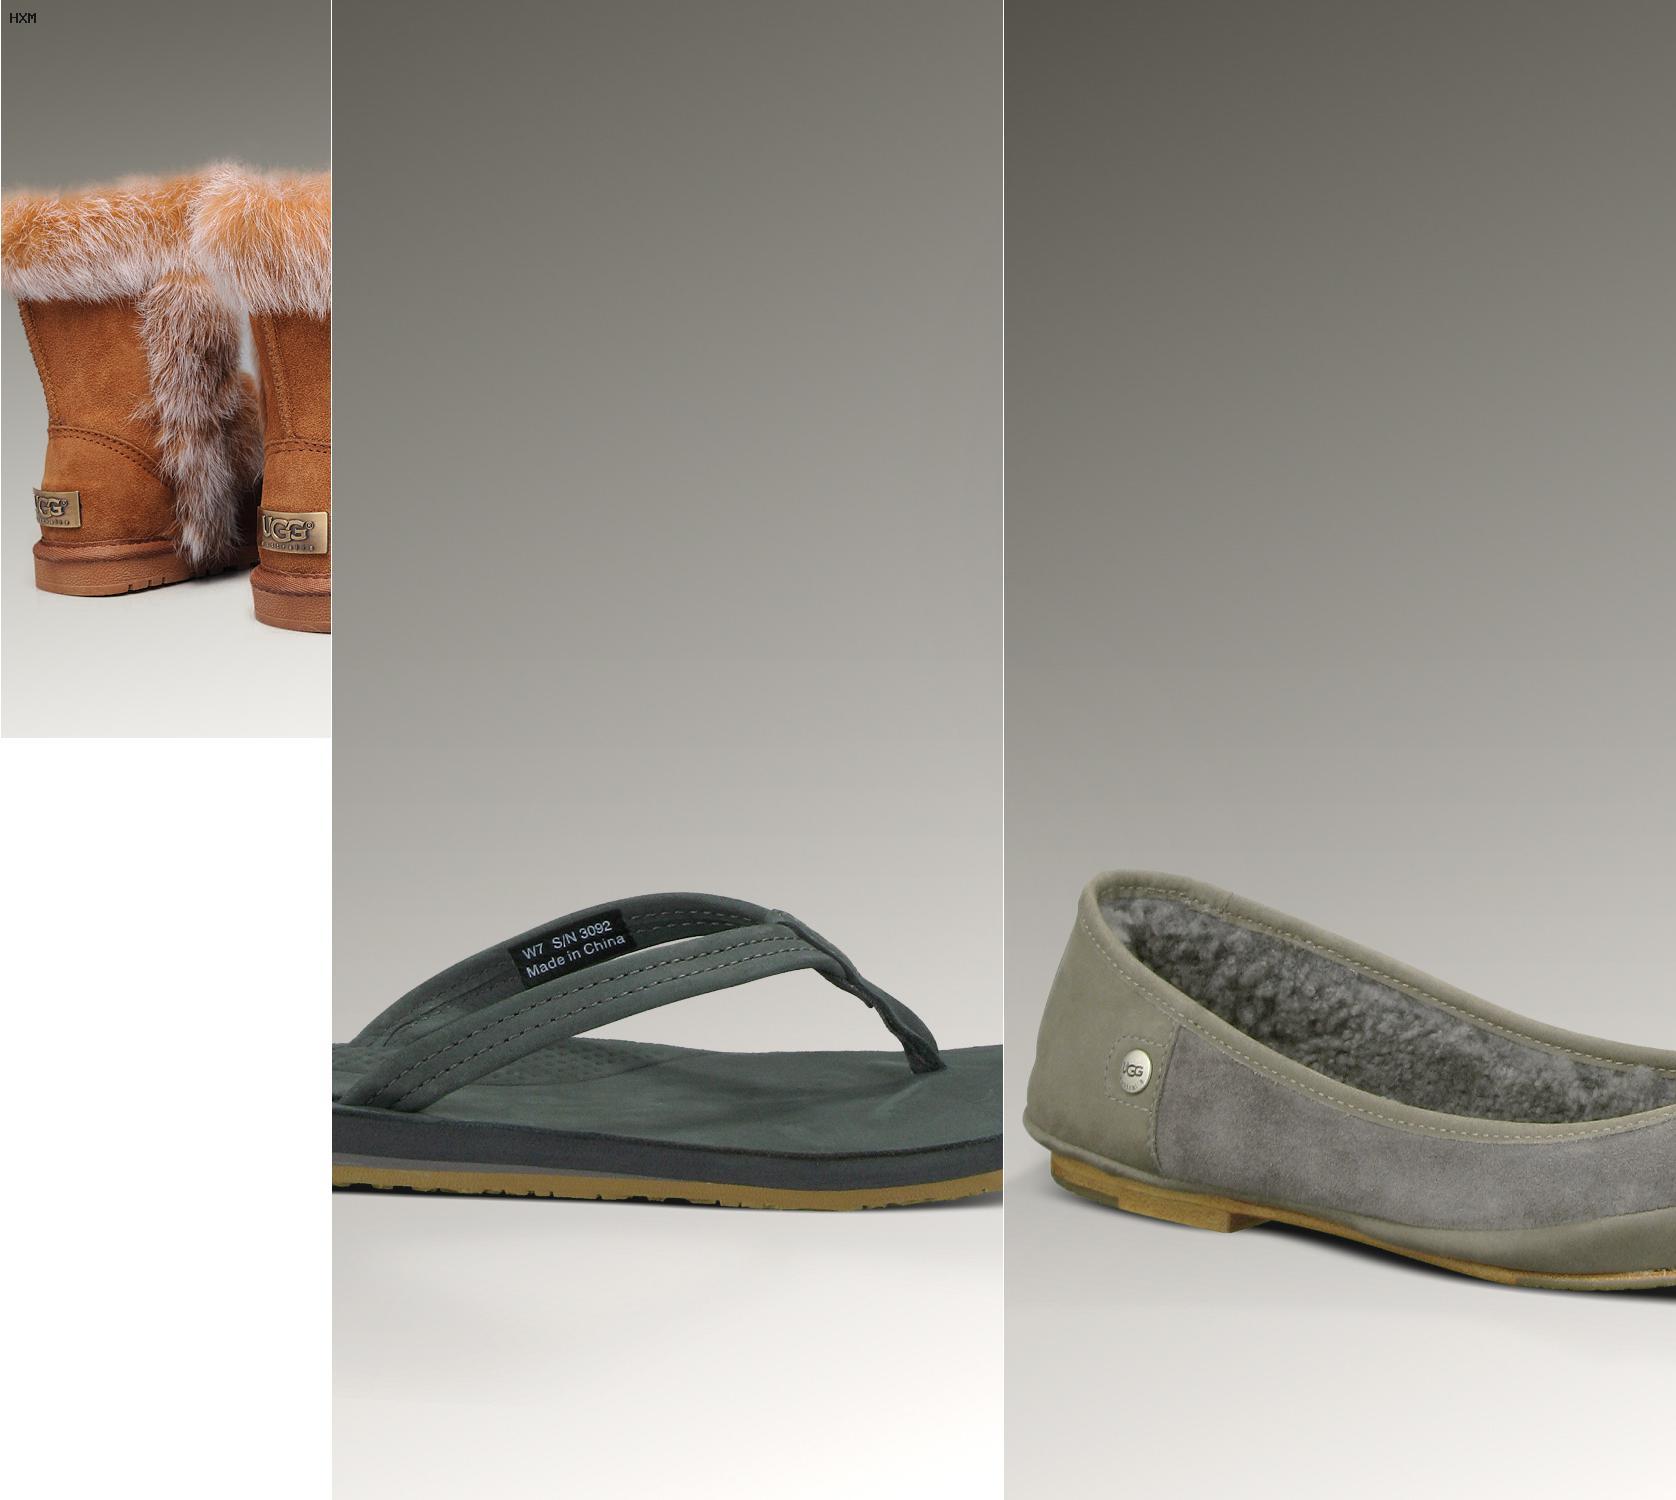 donde venden botas ugg en el df